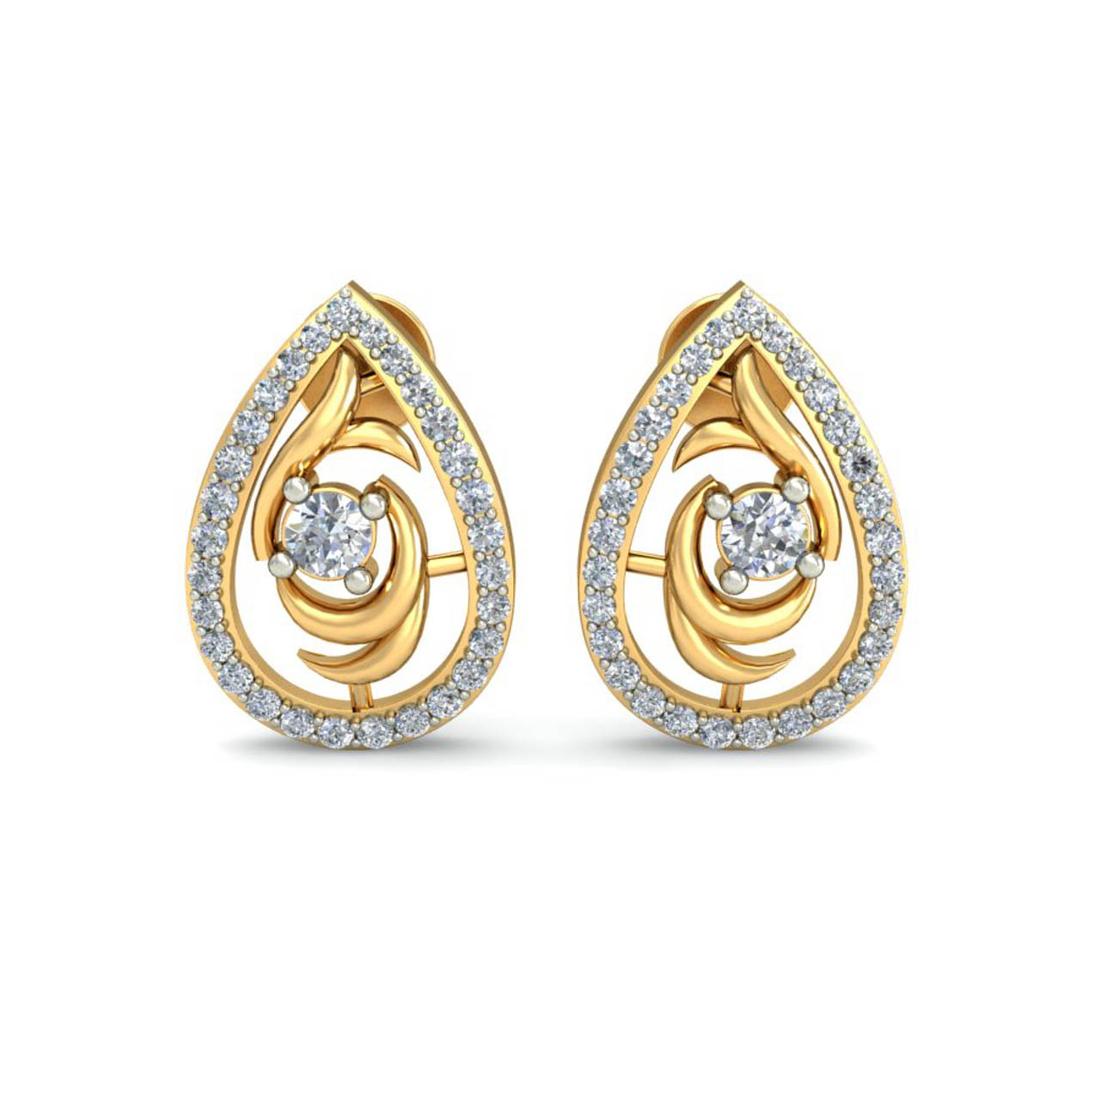 Ornomart's love drop Earrings